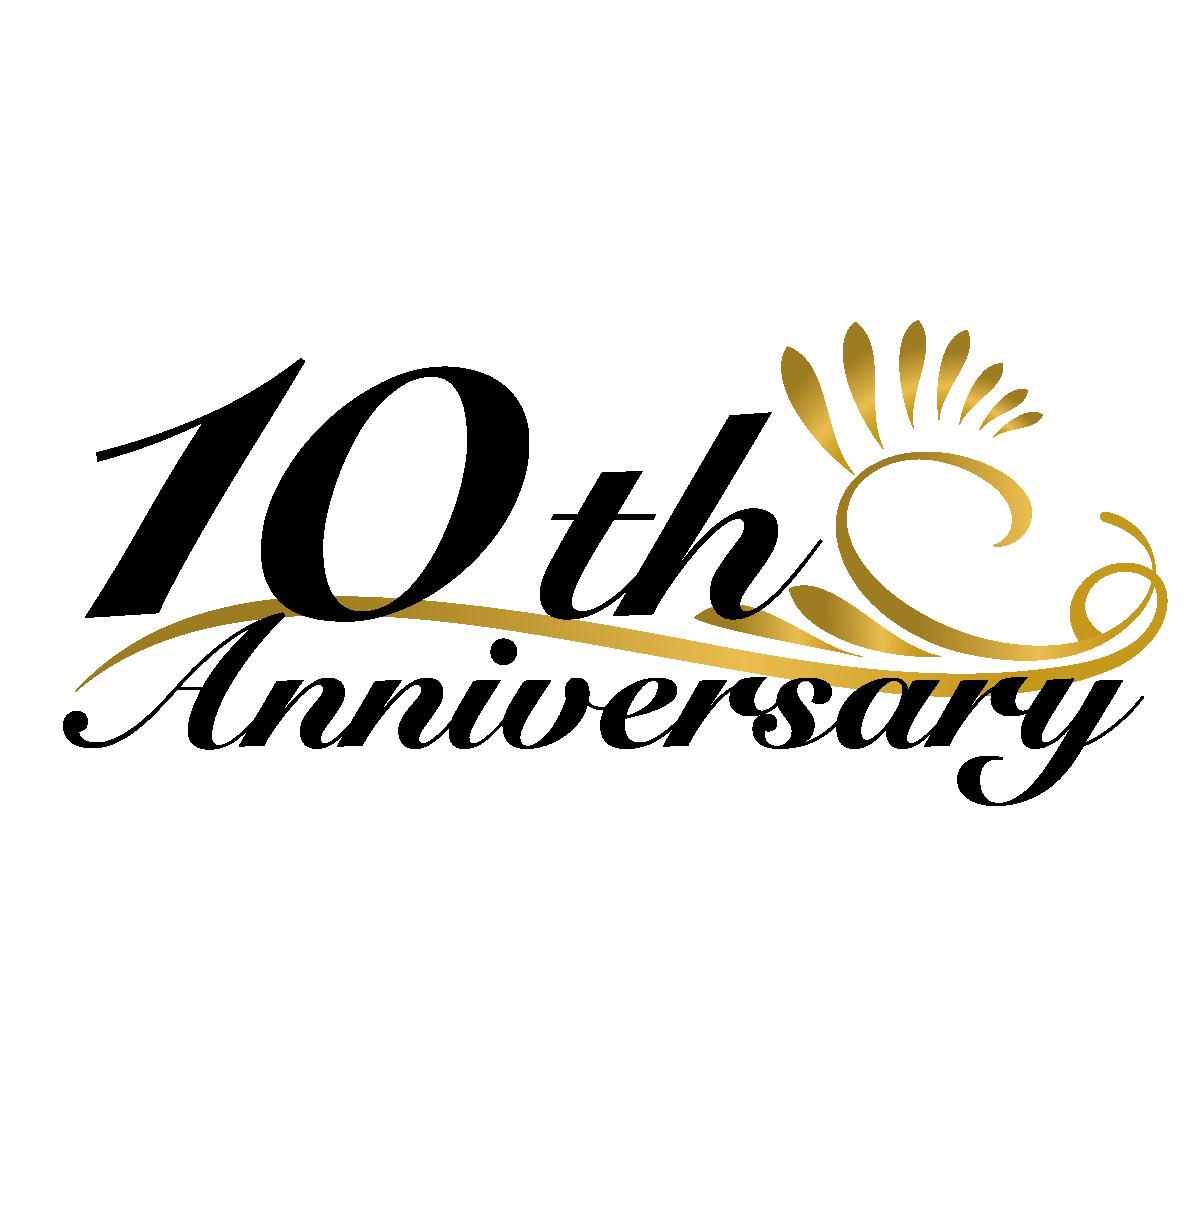 Wedding anniversary logo clipart best